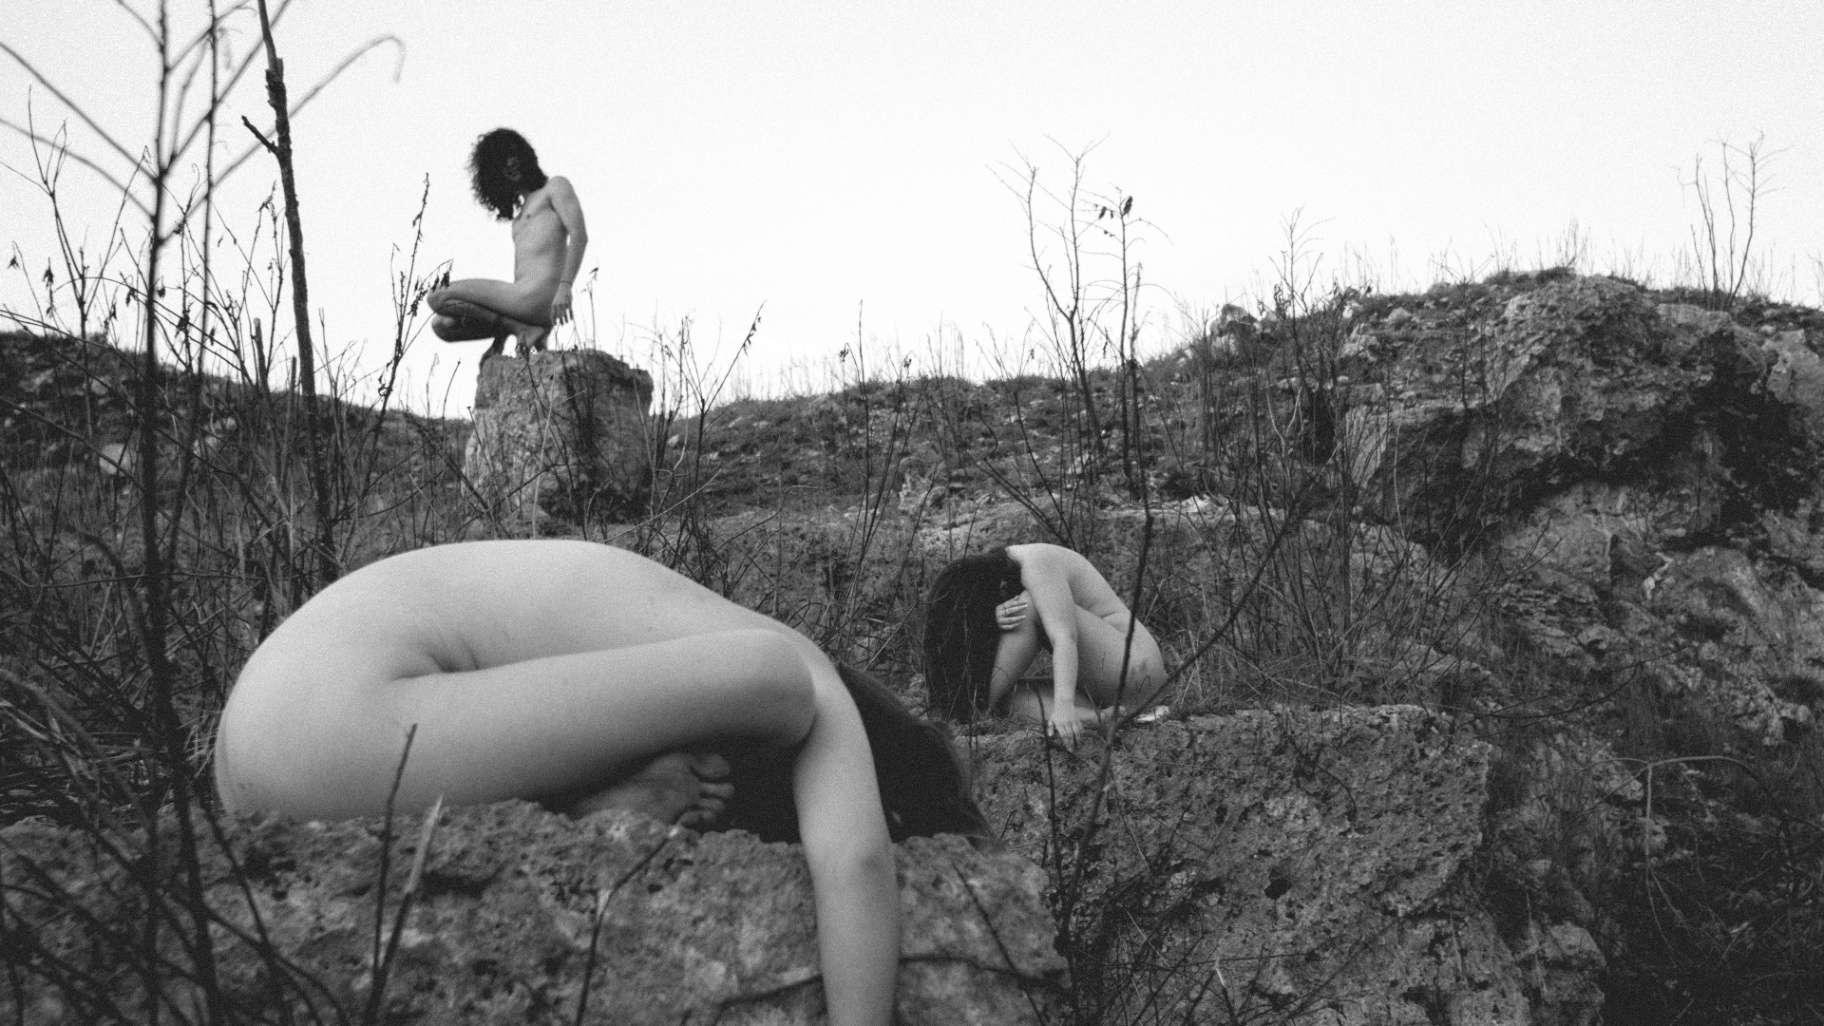 Obra: Hallazgo de las piedras